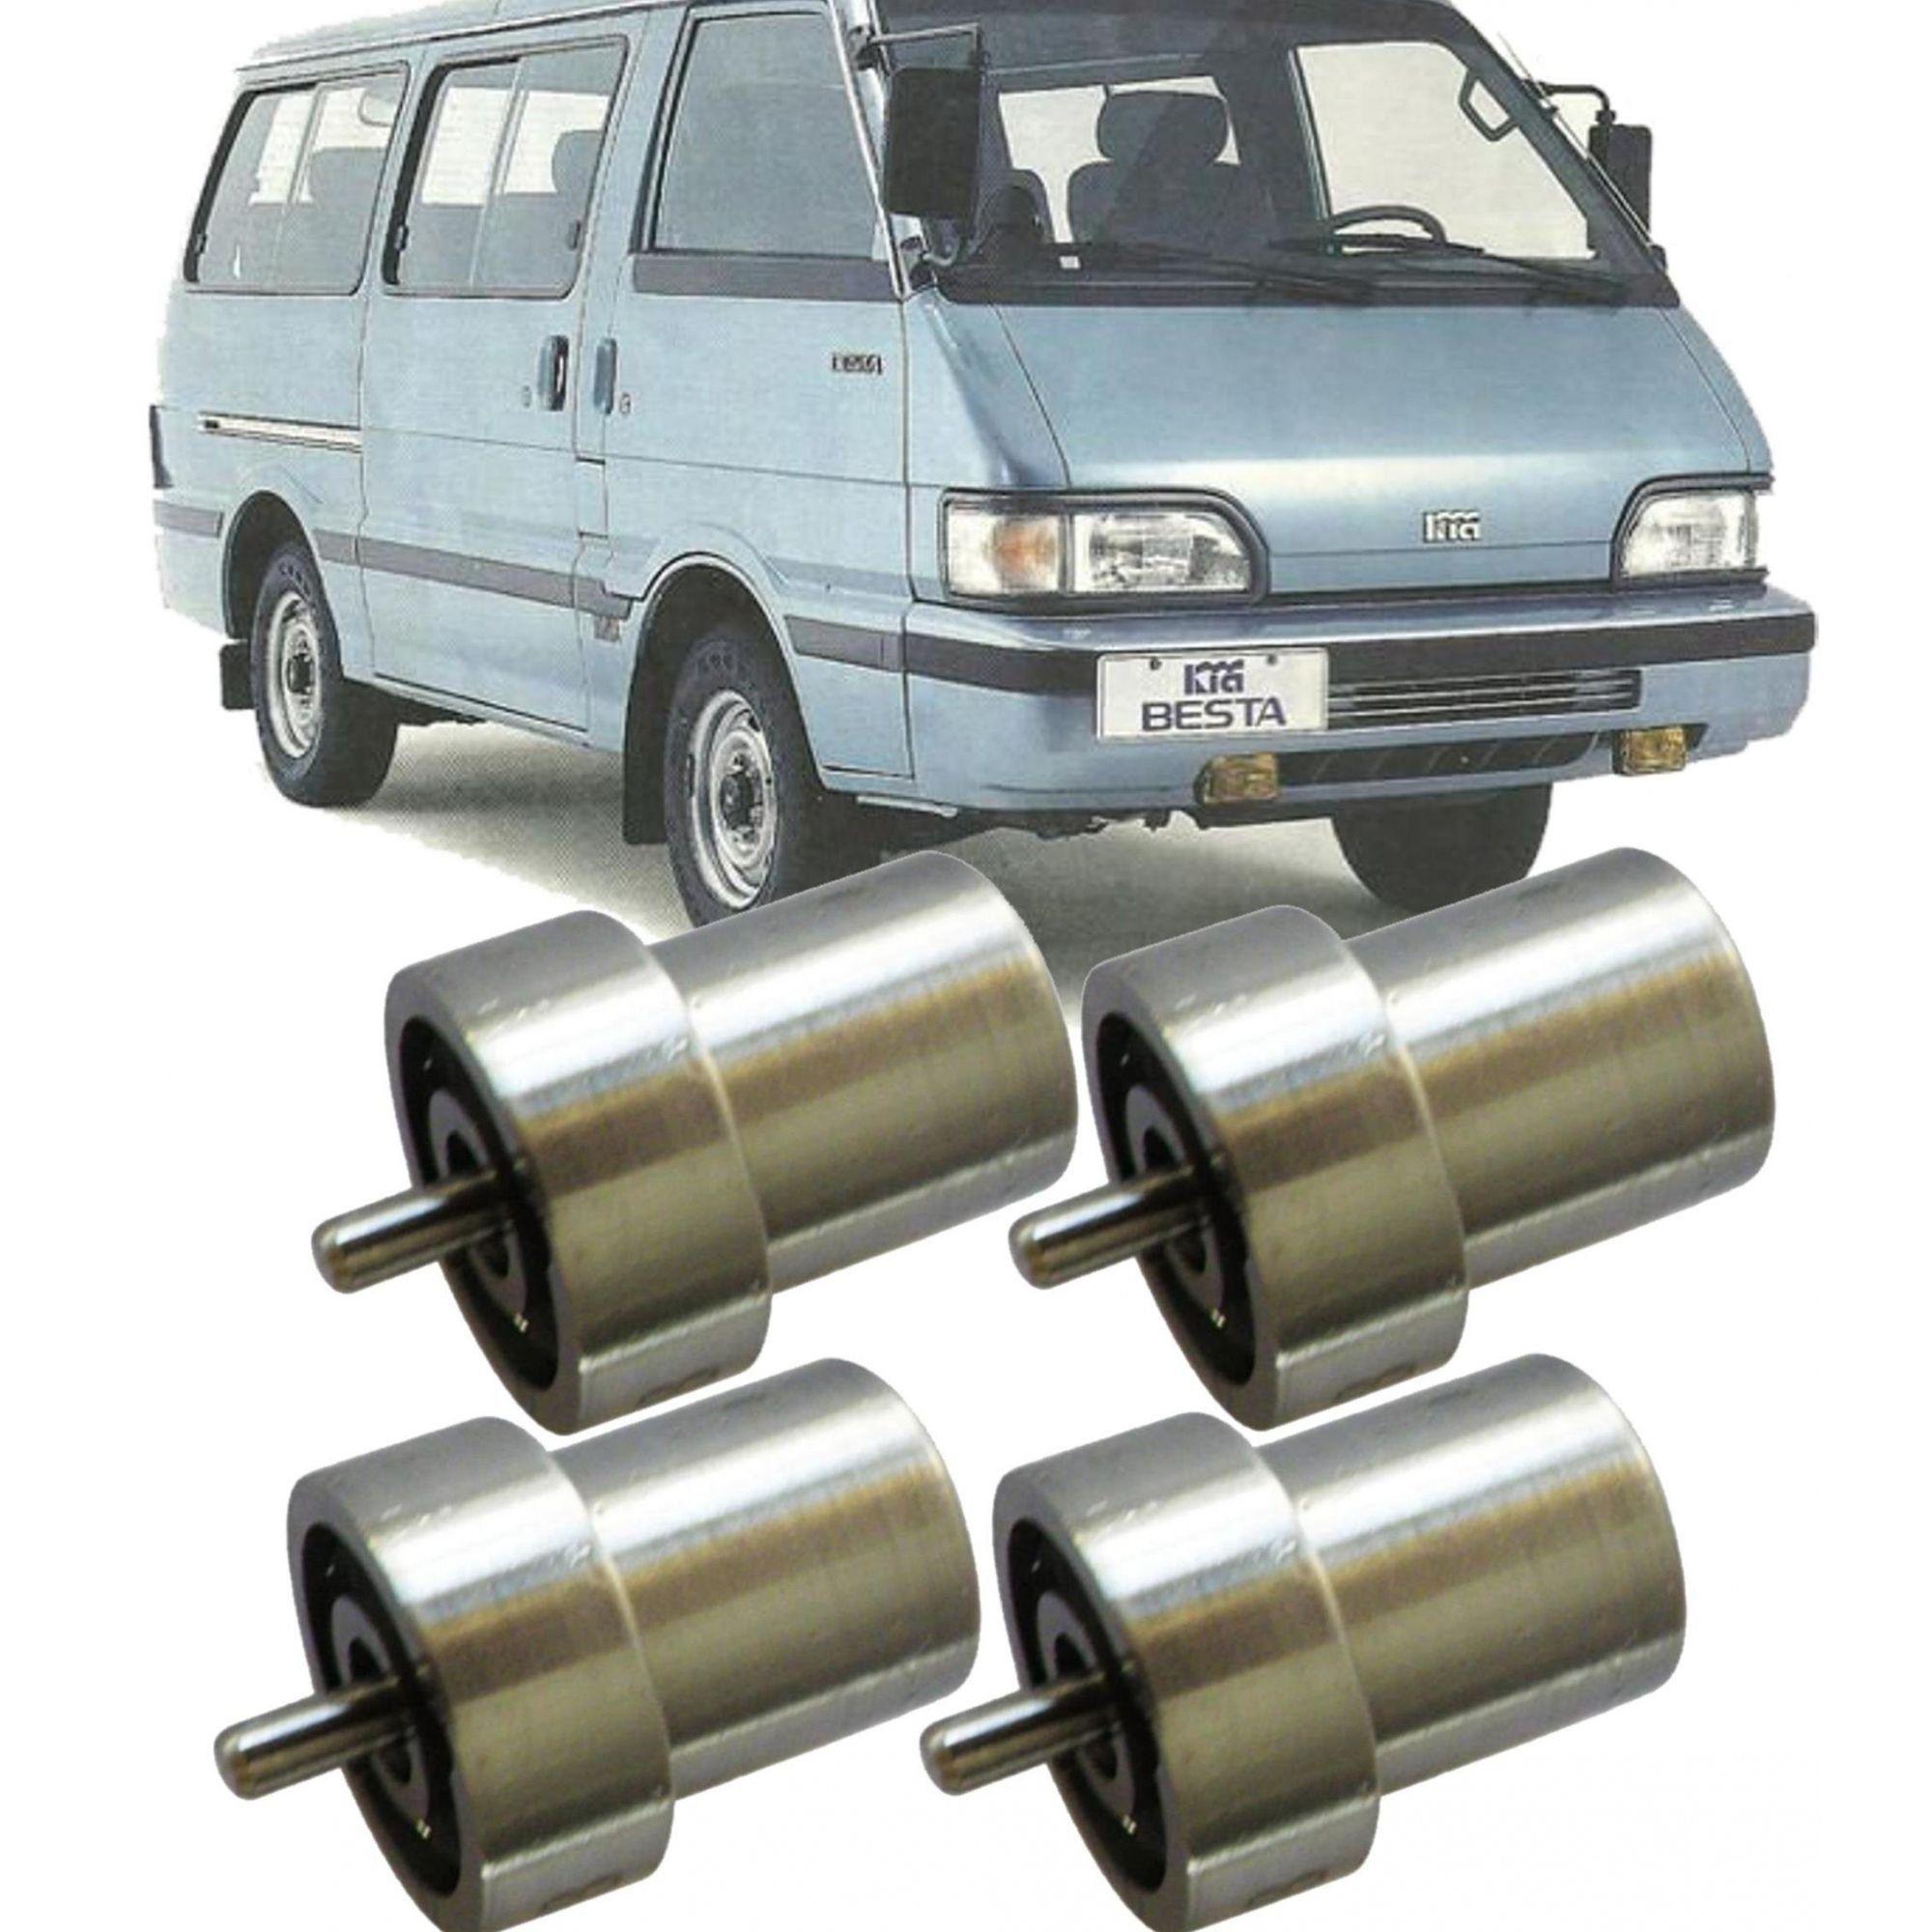 Kit 4 Bico Injetor Diesel Besta 2.2 Kombi 1.6 Topic Diesel - Dnosd193